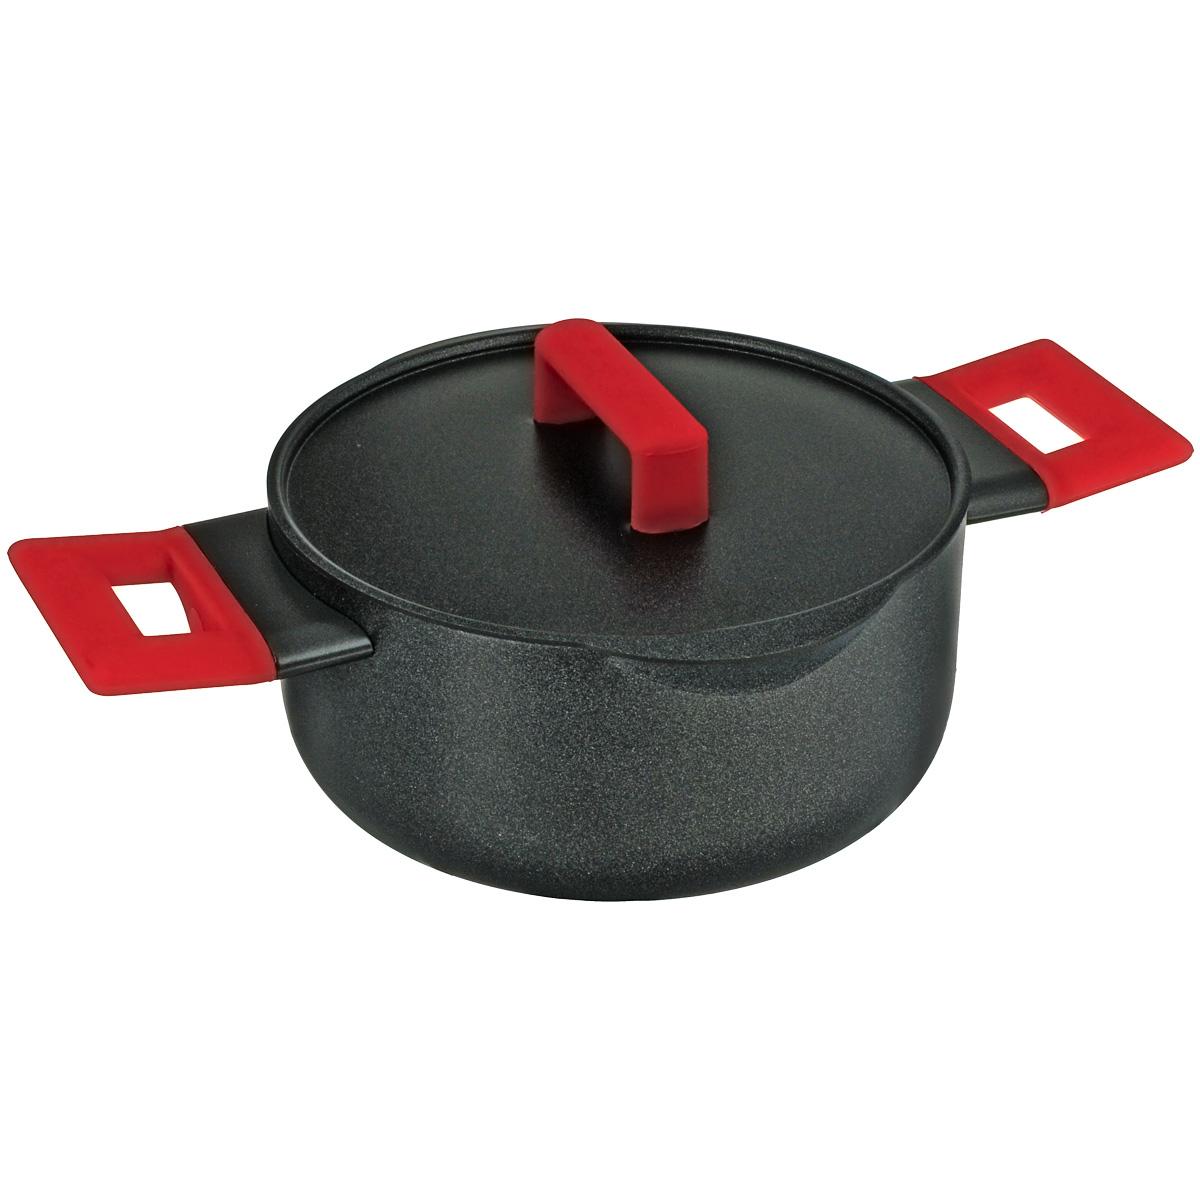 Кастрюля Esprado Fuego с крышкой, с антипригарным покрытием, 2,5 лFUET20AE101Кастрюля Esprado Fuego изготовлена из алюминия с внутренним антипригарным покрытием Teflon Platinum. Не содержит примеси PFOA, поэтому абсолютно безопасао для здоровья и окружающей среды. Дизайн дополнен носиками для слива - с ними легко избавиться от лишней жидкости или масла. Изделие имеет эмалевое внешнее покрытие на основе частиц кремния. Цветные ручки выполнены из жаропрочного силикона. Покрытие Teflon Platinum не боится использования металлических лопаток, что позволит хозяйке думать только о главном, не отвлекаясь на мелочи. Изделие имеет классическую форму и высокие бортики, что идеально подходит для тушения и томления овощей, мяса, плова и т.д. Разработчики коллекции Fuego предложили посуду, которая идеально подойдет как для приготовления на плите, так и в духовом шкафу (при температуре до 260°С). Подходит для газовых, электрических, галогеновых, стеклокерамических плит. Не подходит для индукционных плит. Можно мыть в...